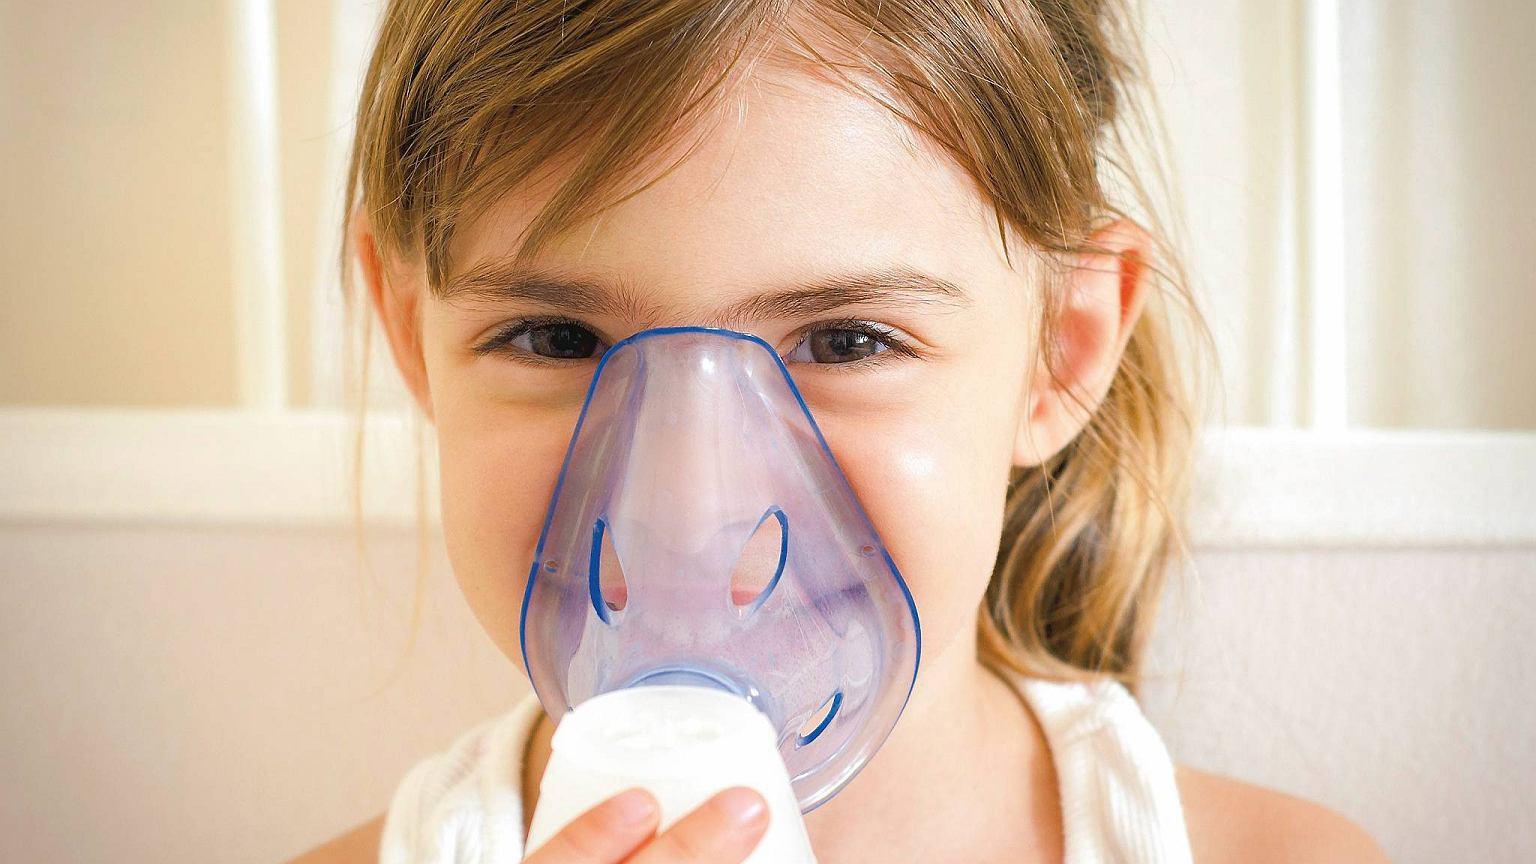 Ингаляторы для детей: как выбрать лучший небулайзер для лечения кашля и насморка